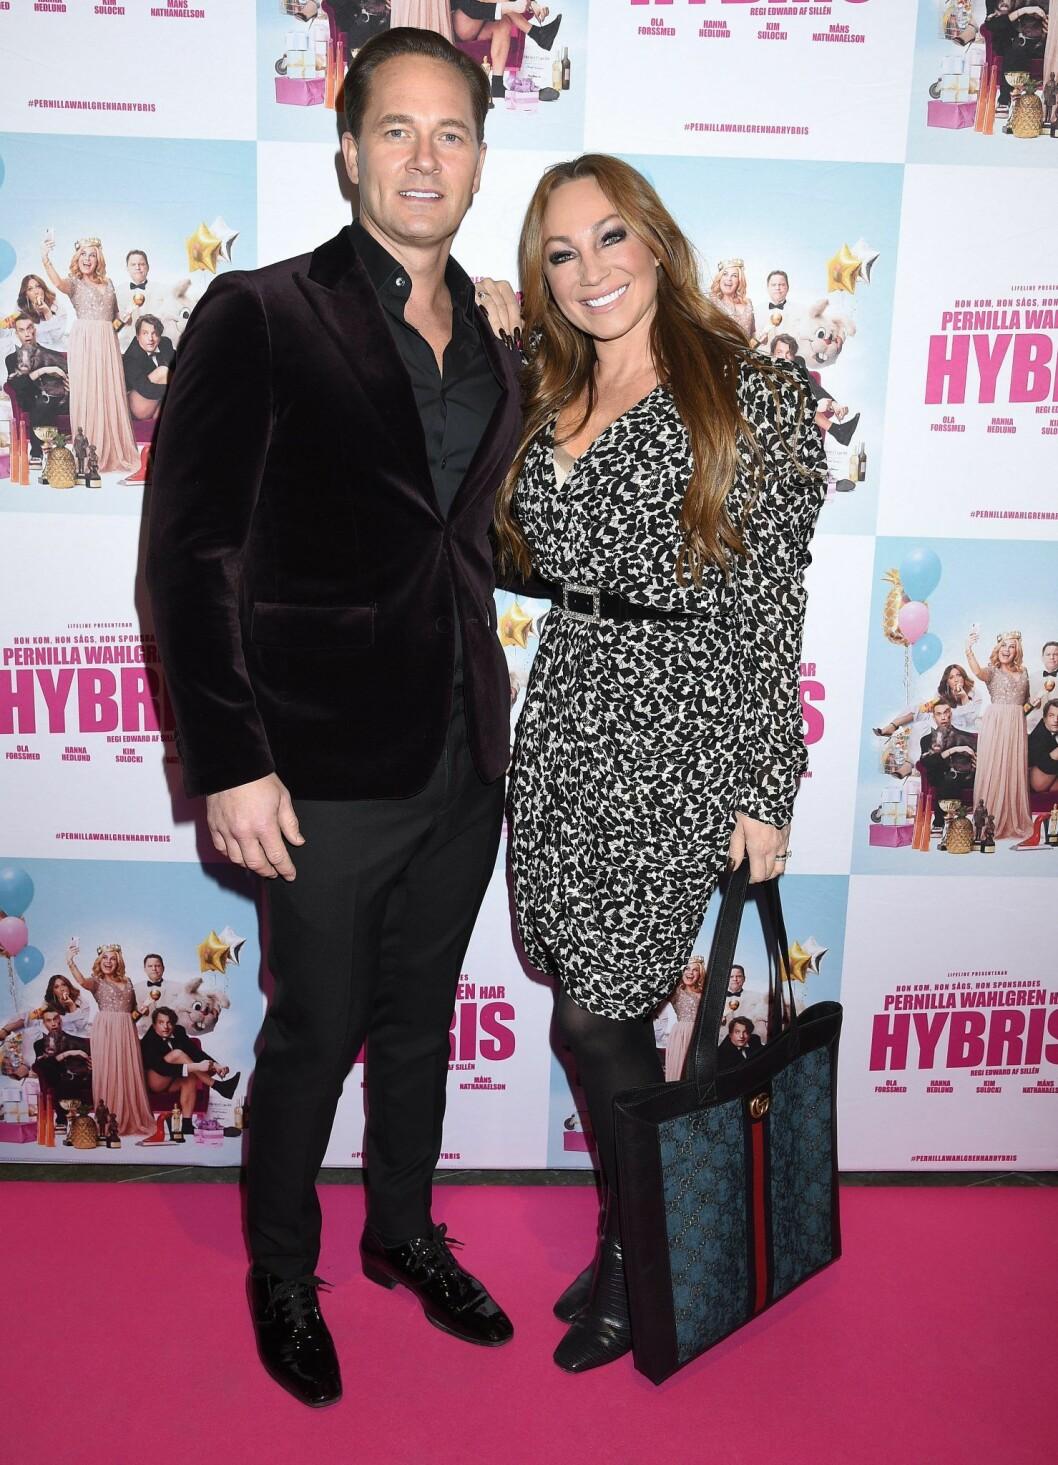 Anders Jensen och Charlotte Perrelli gifte sig för fem år sedan.